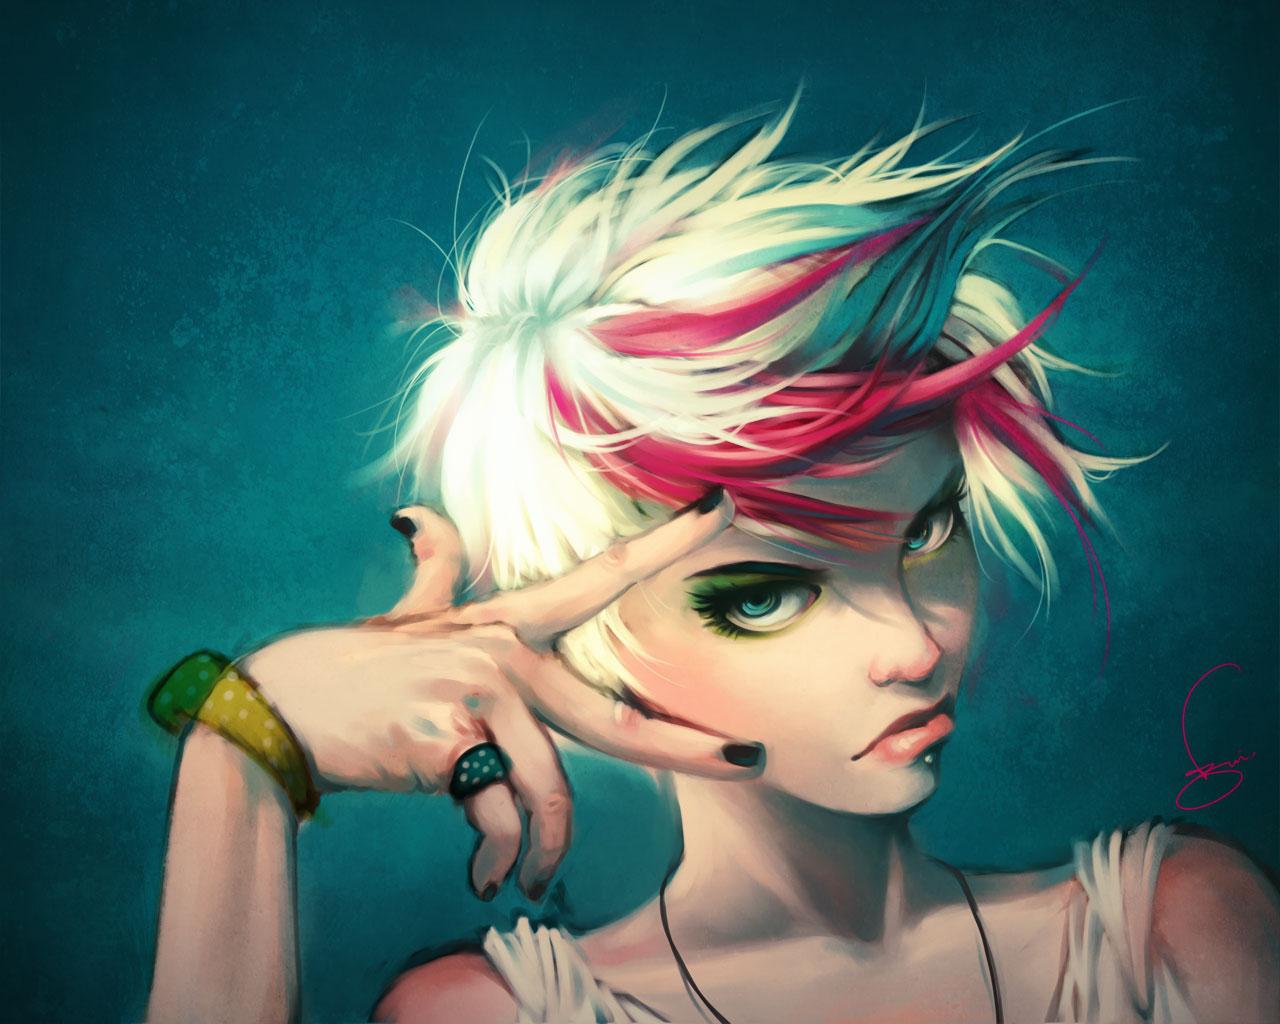 http://3.bp.blogspot.com/-hGM4KqxO2ao/TiknHDtXNuI/AAAAAAAACK0/ghtrNRDQAxY/s1600/cool_chick_wallpaper.jpg